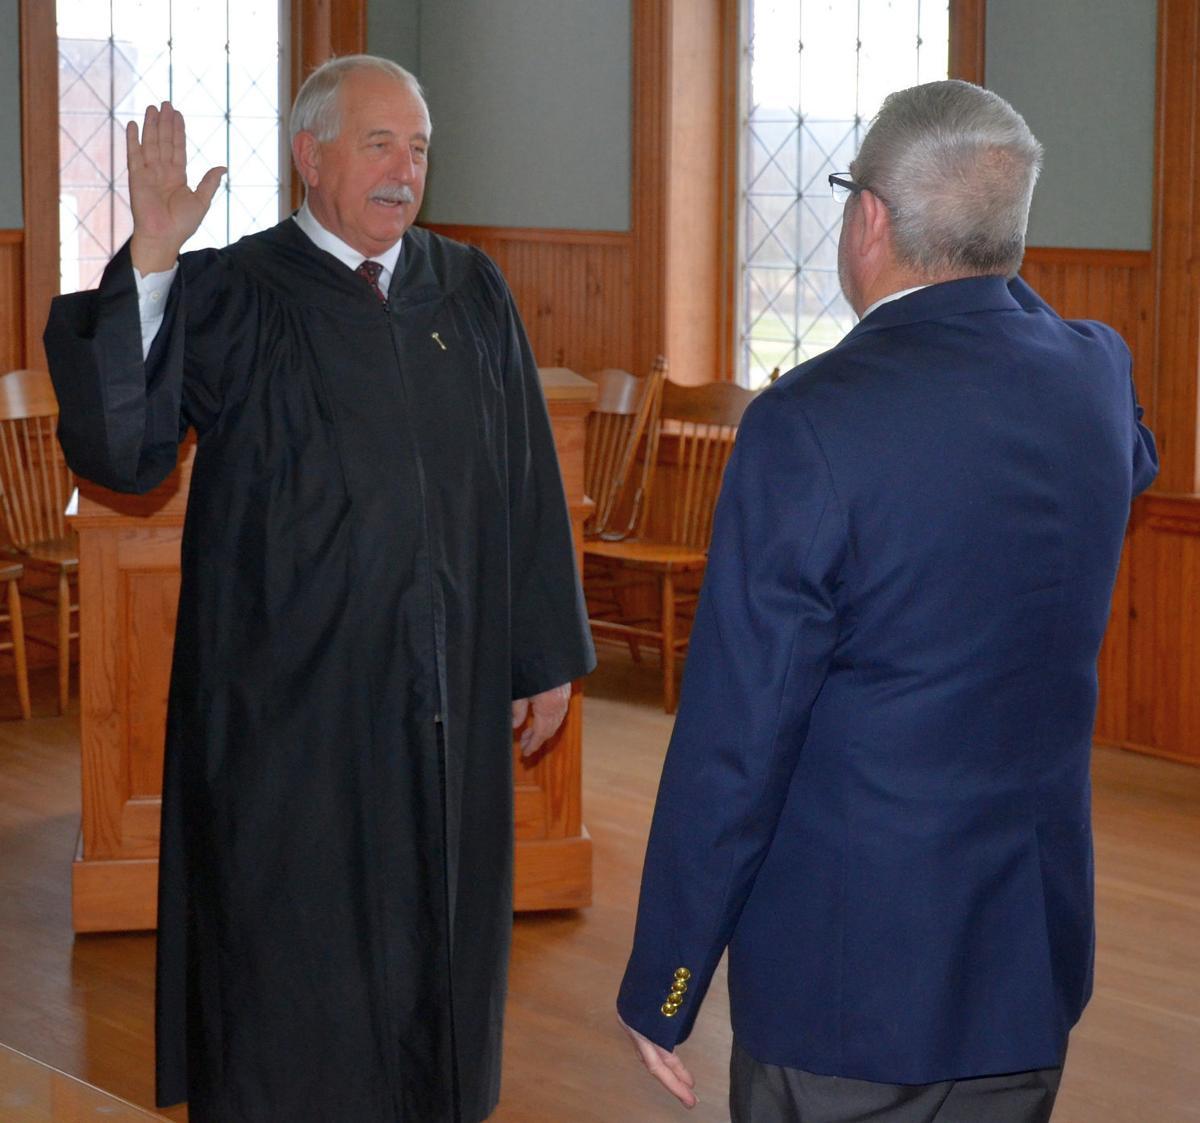 Fulton sworn in